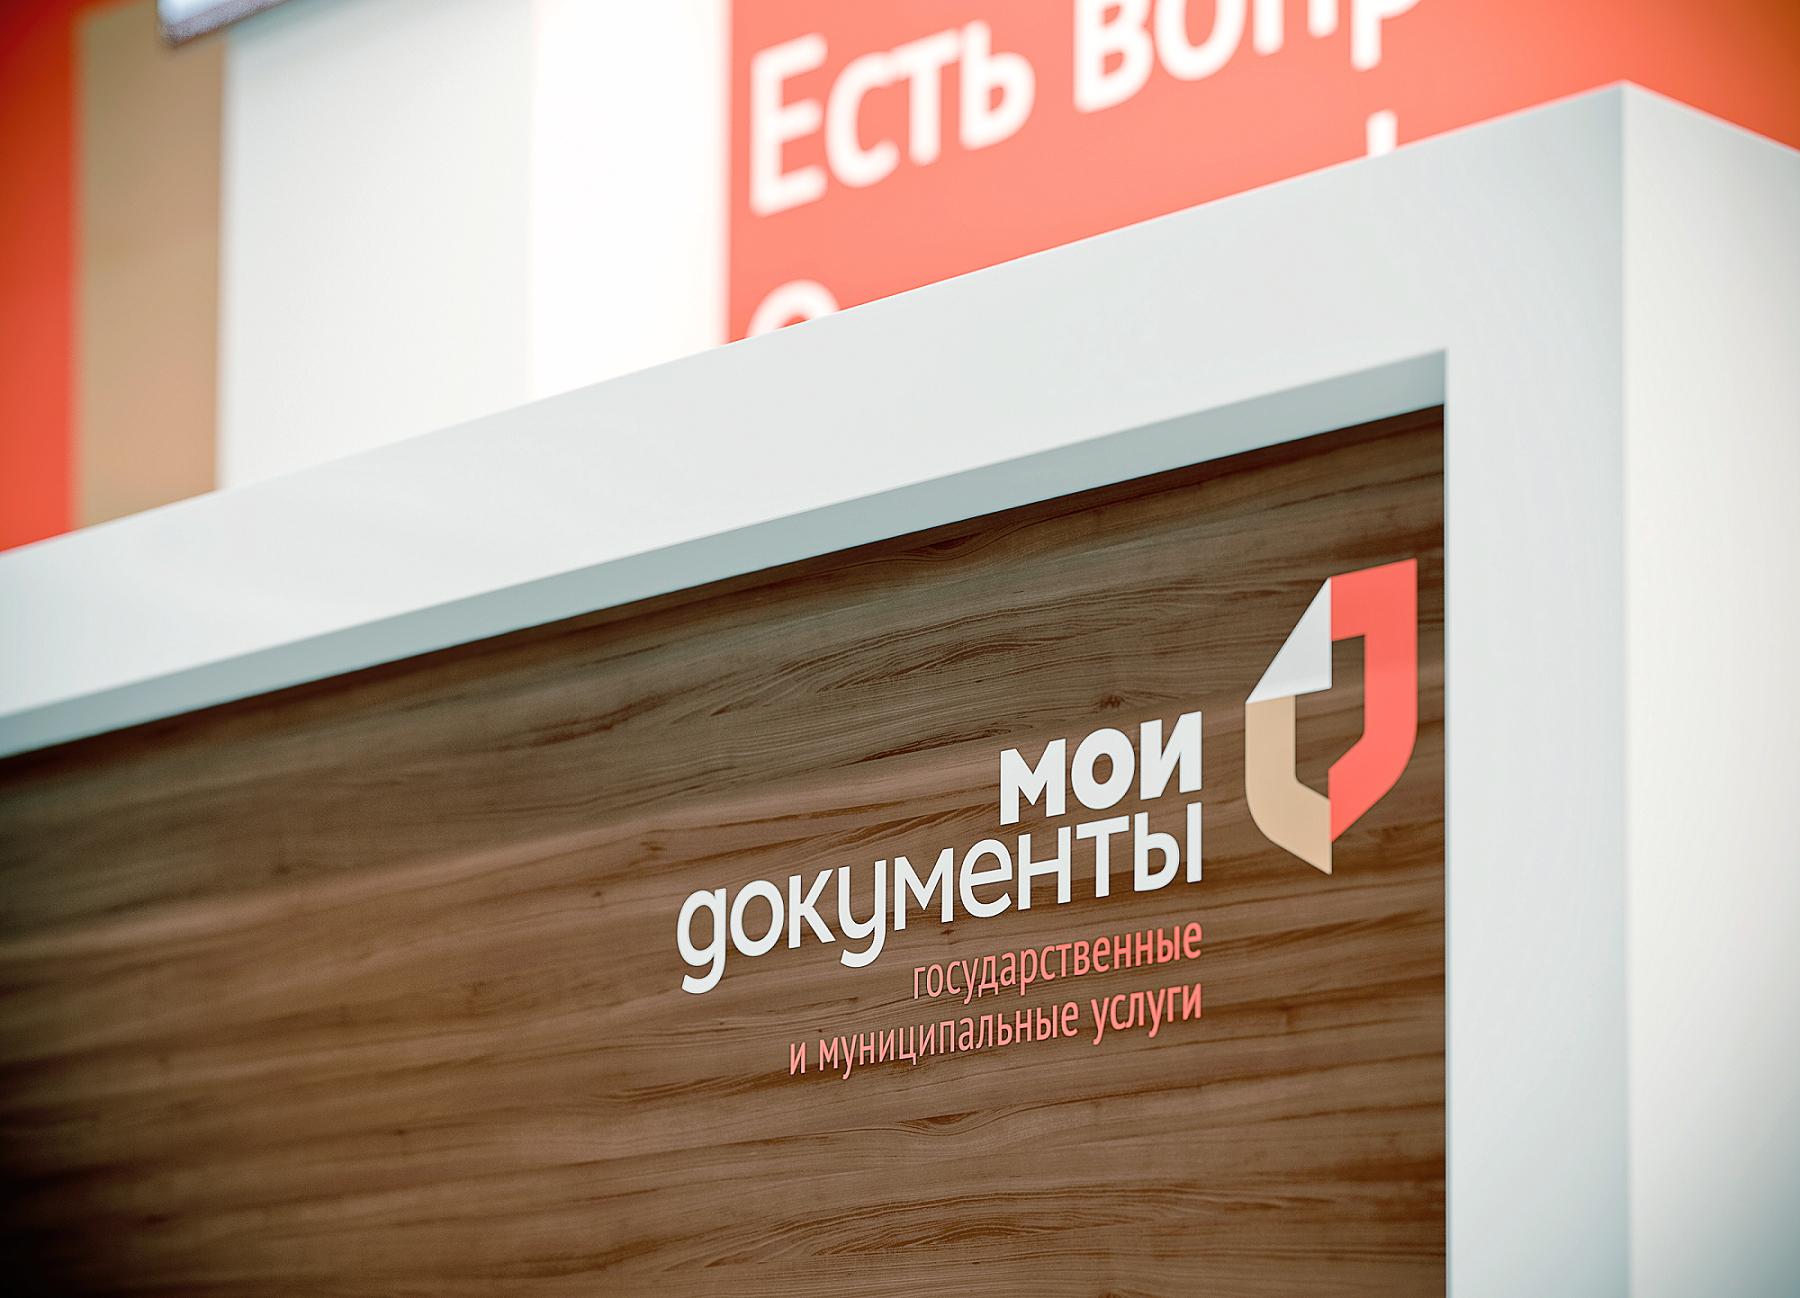 Режим работы ЗАГСа иЦентра госуслуг «Мои Документы» поменяется впраздники